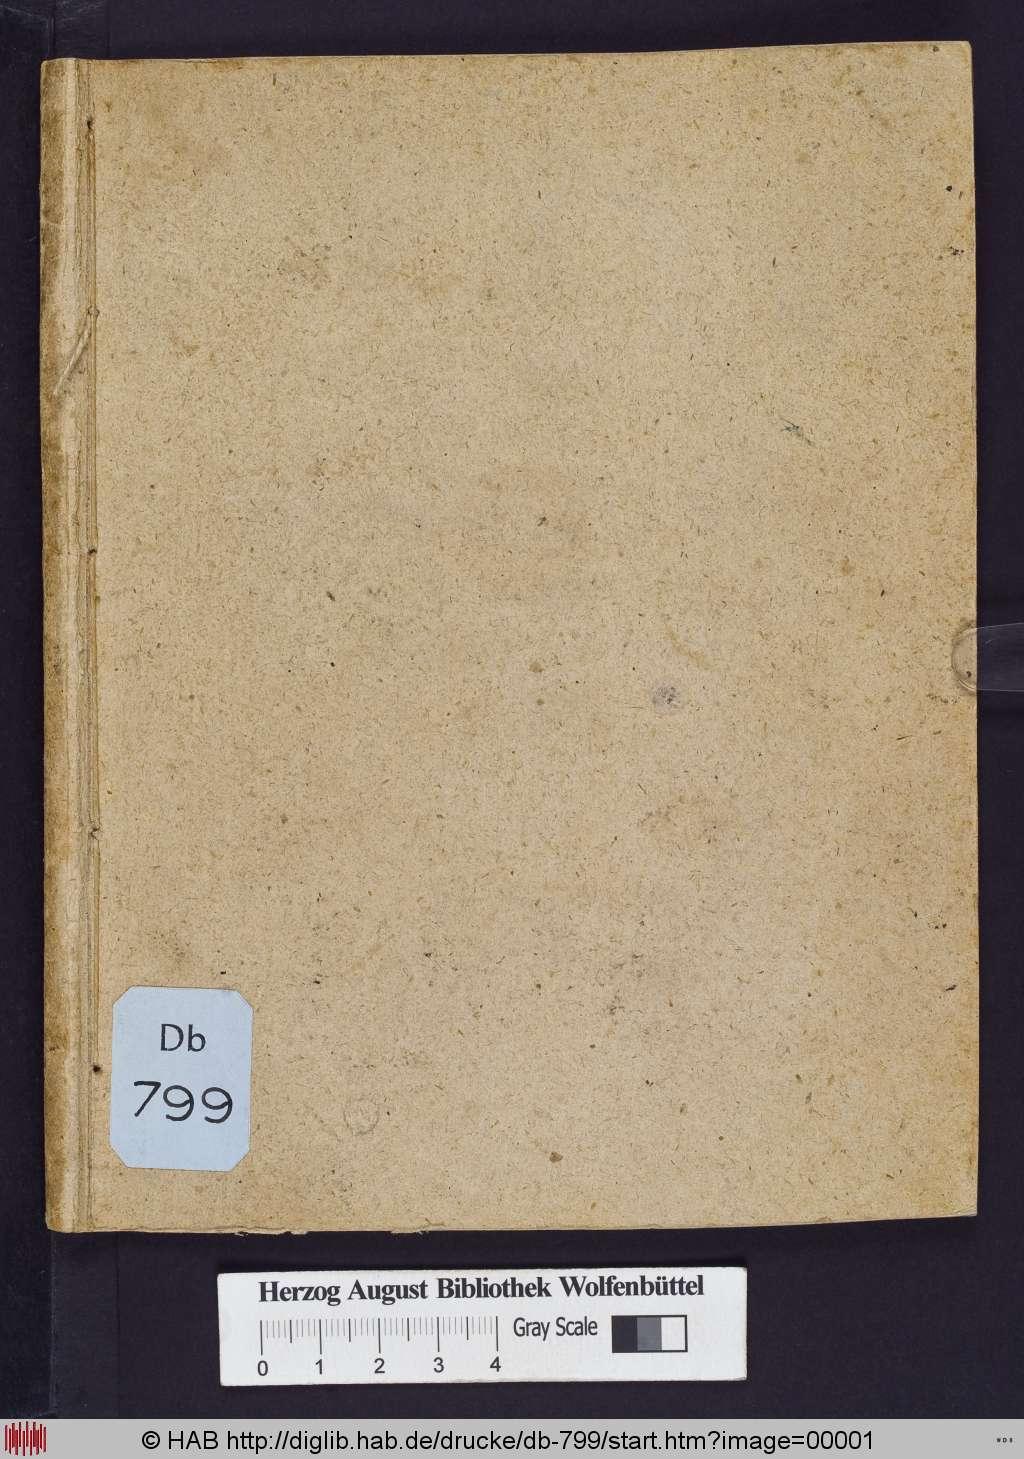 http://diglib.hab.de/drucke/db-799/00001.jpg